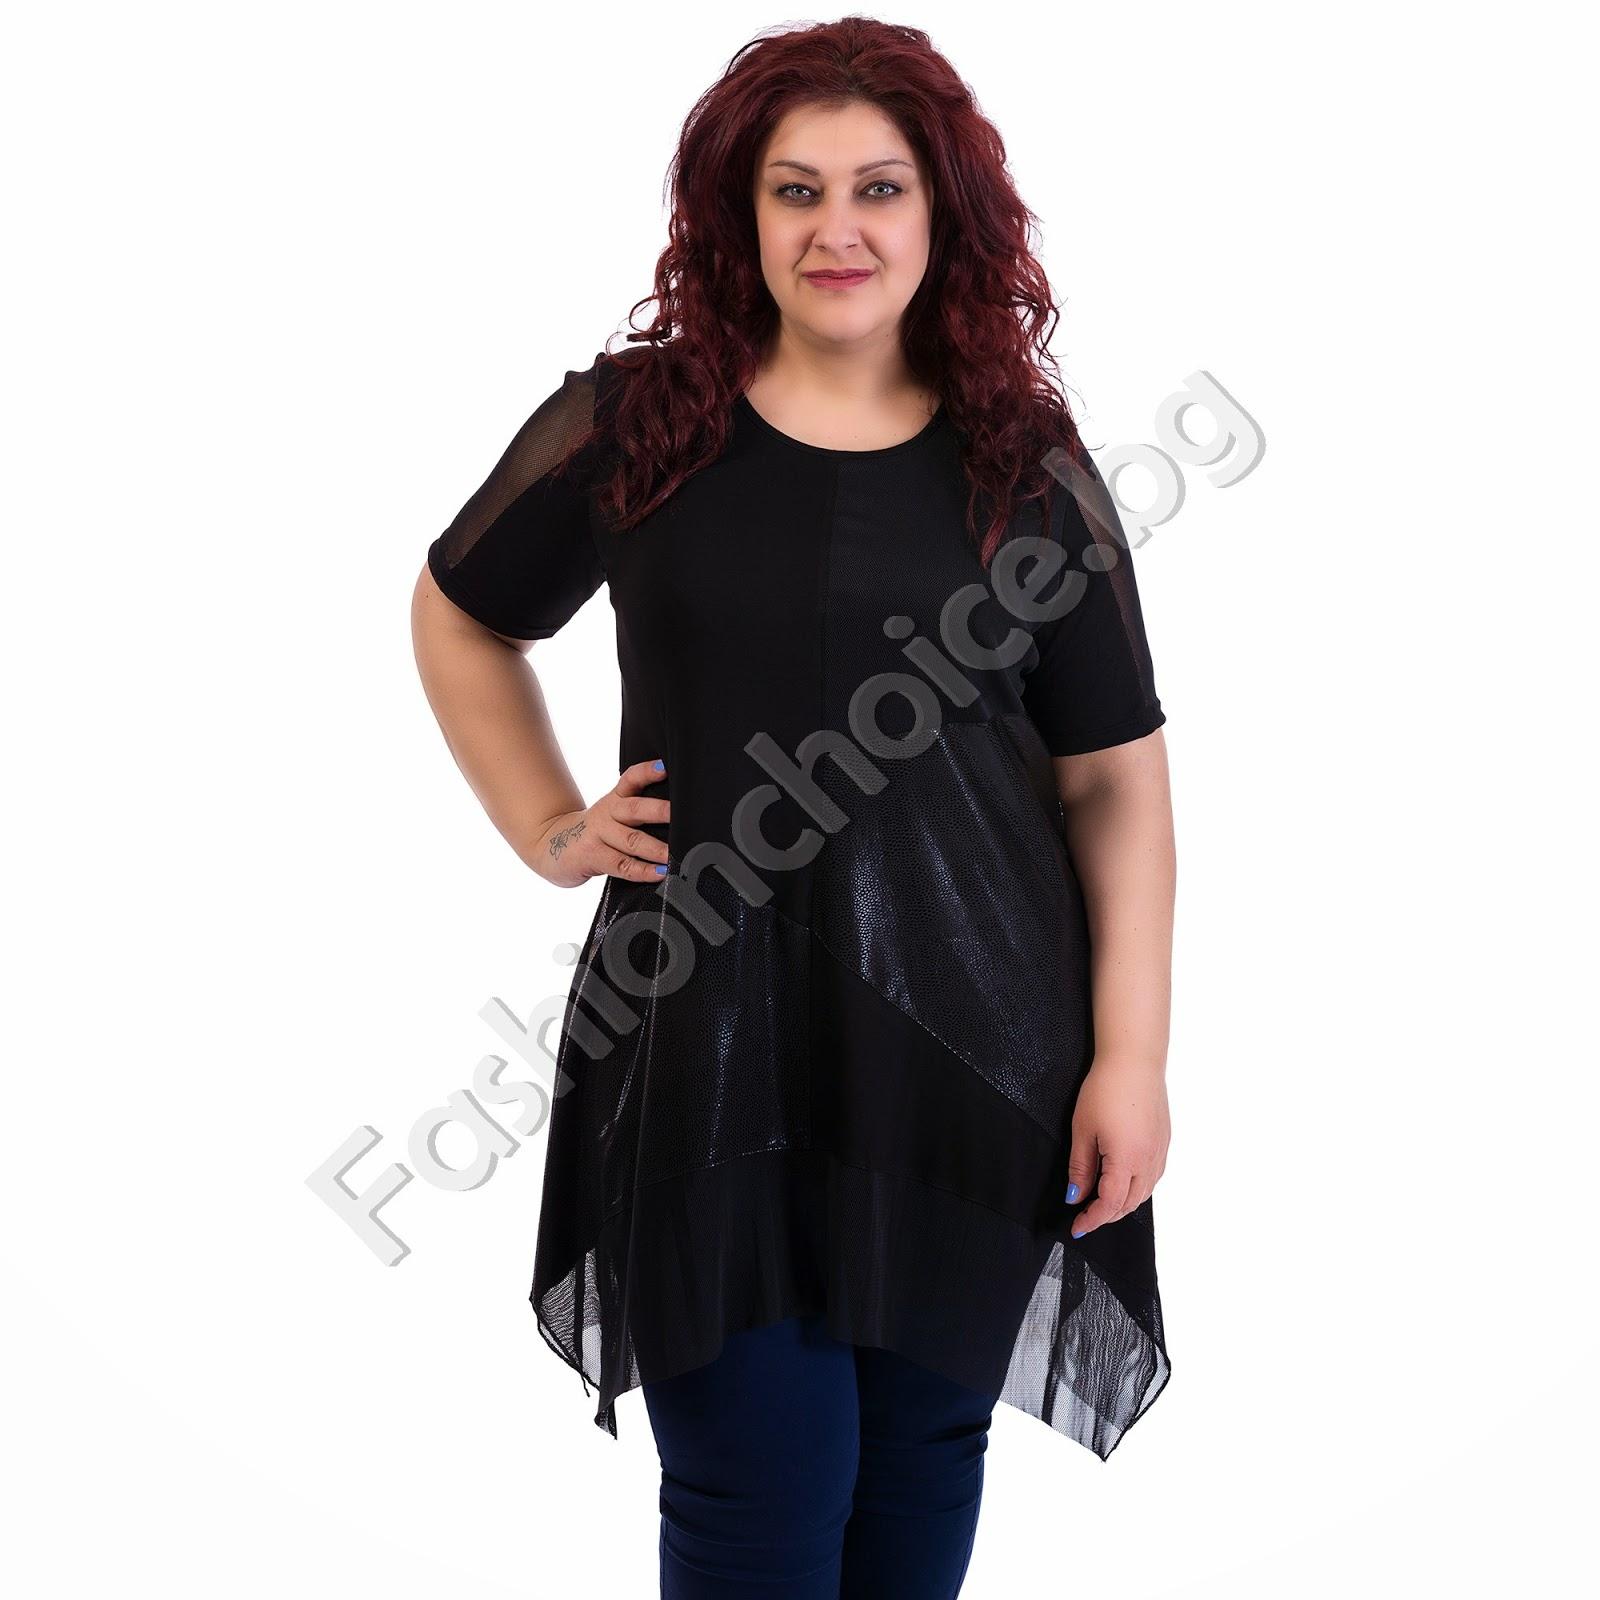 3969c6d452f Тотален моден хит в последните месеци са акцентите от кожа или промазан  плат, който е туниките има черни акценти от еко кожа или промазка, по  джобчета, ...